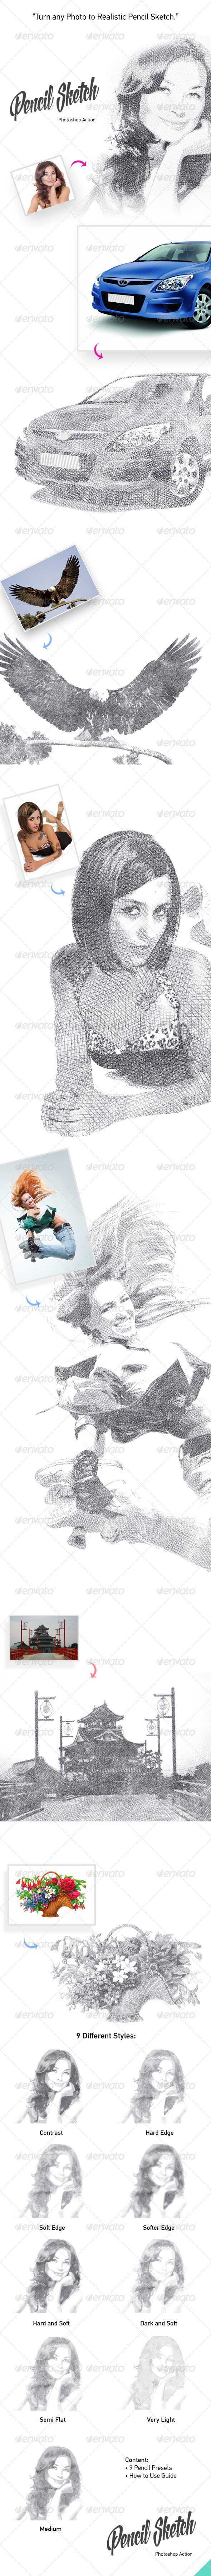 GraphicRiver Pencil Sketch Action 8025453